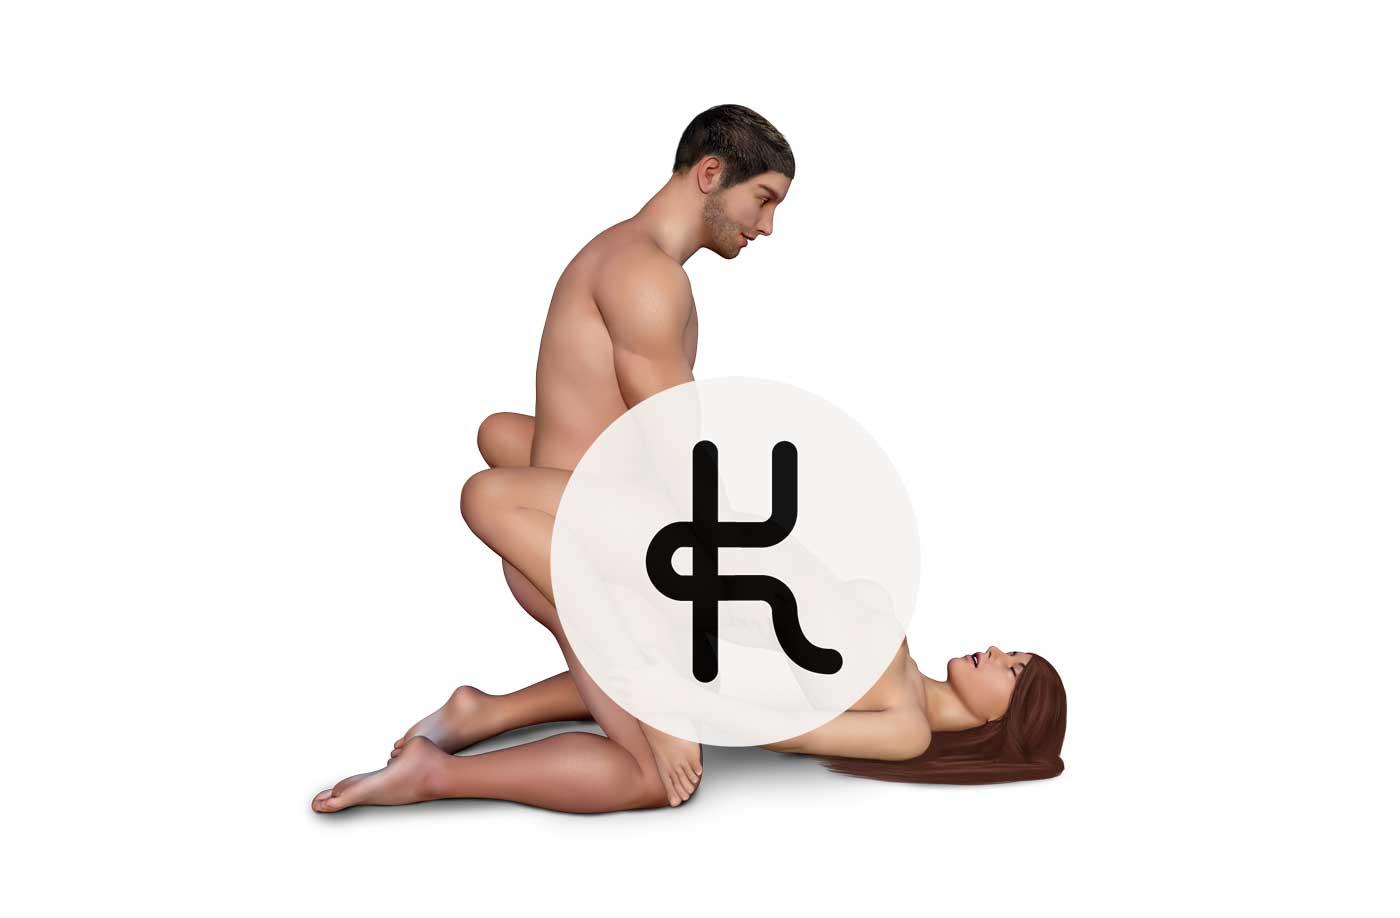 bodybuilder sex position